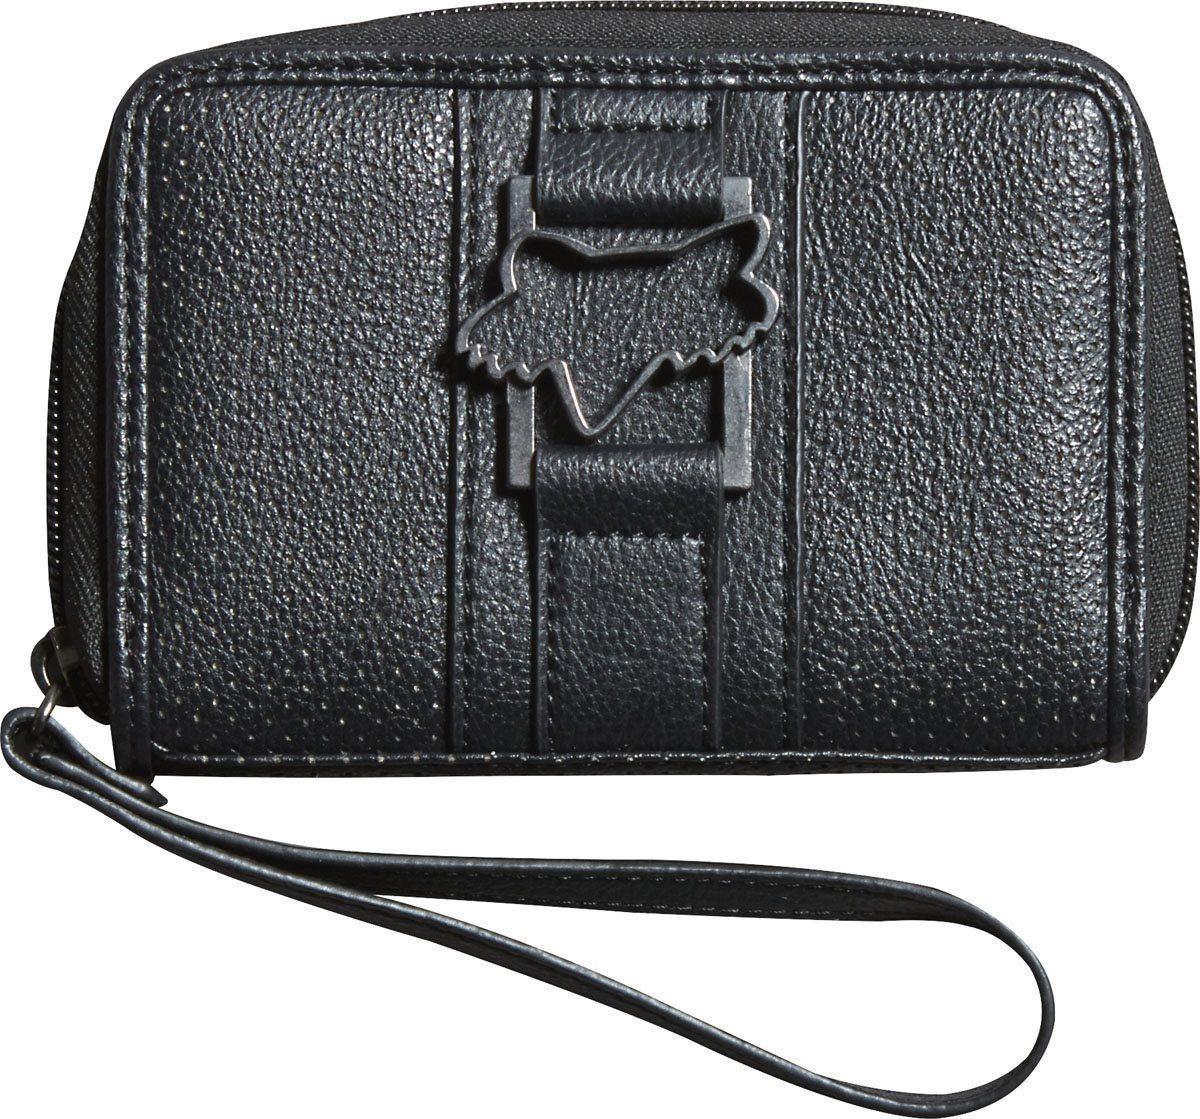 fb1e31605e6d Fox női pénztárca (kistáska) | aunergyor.hu